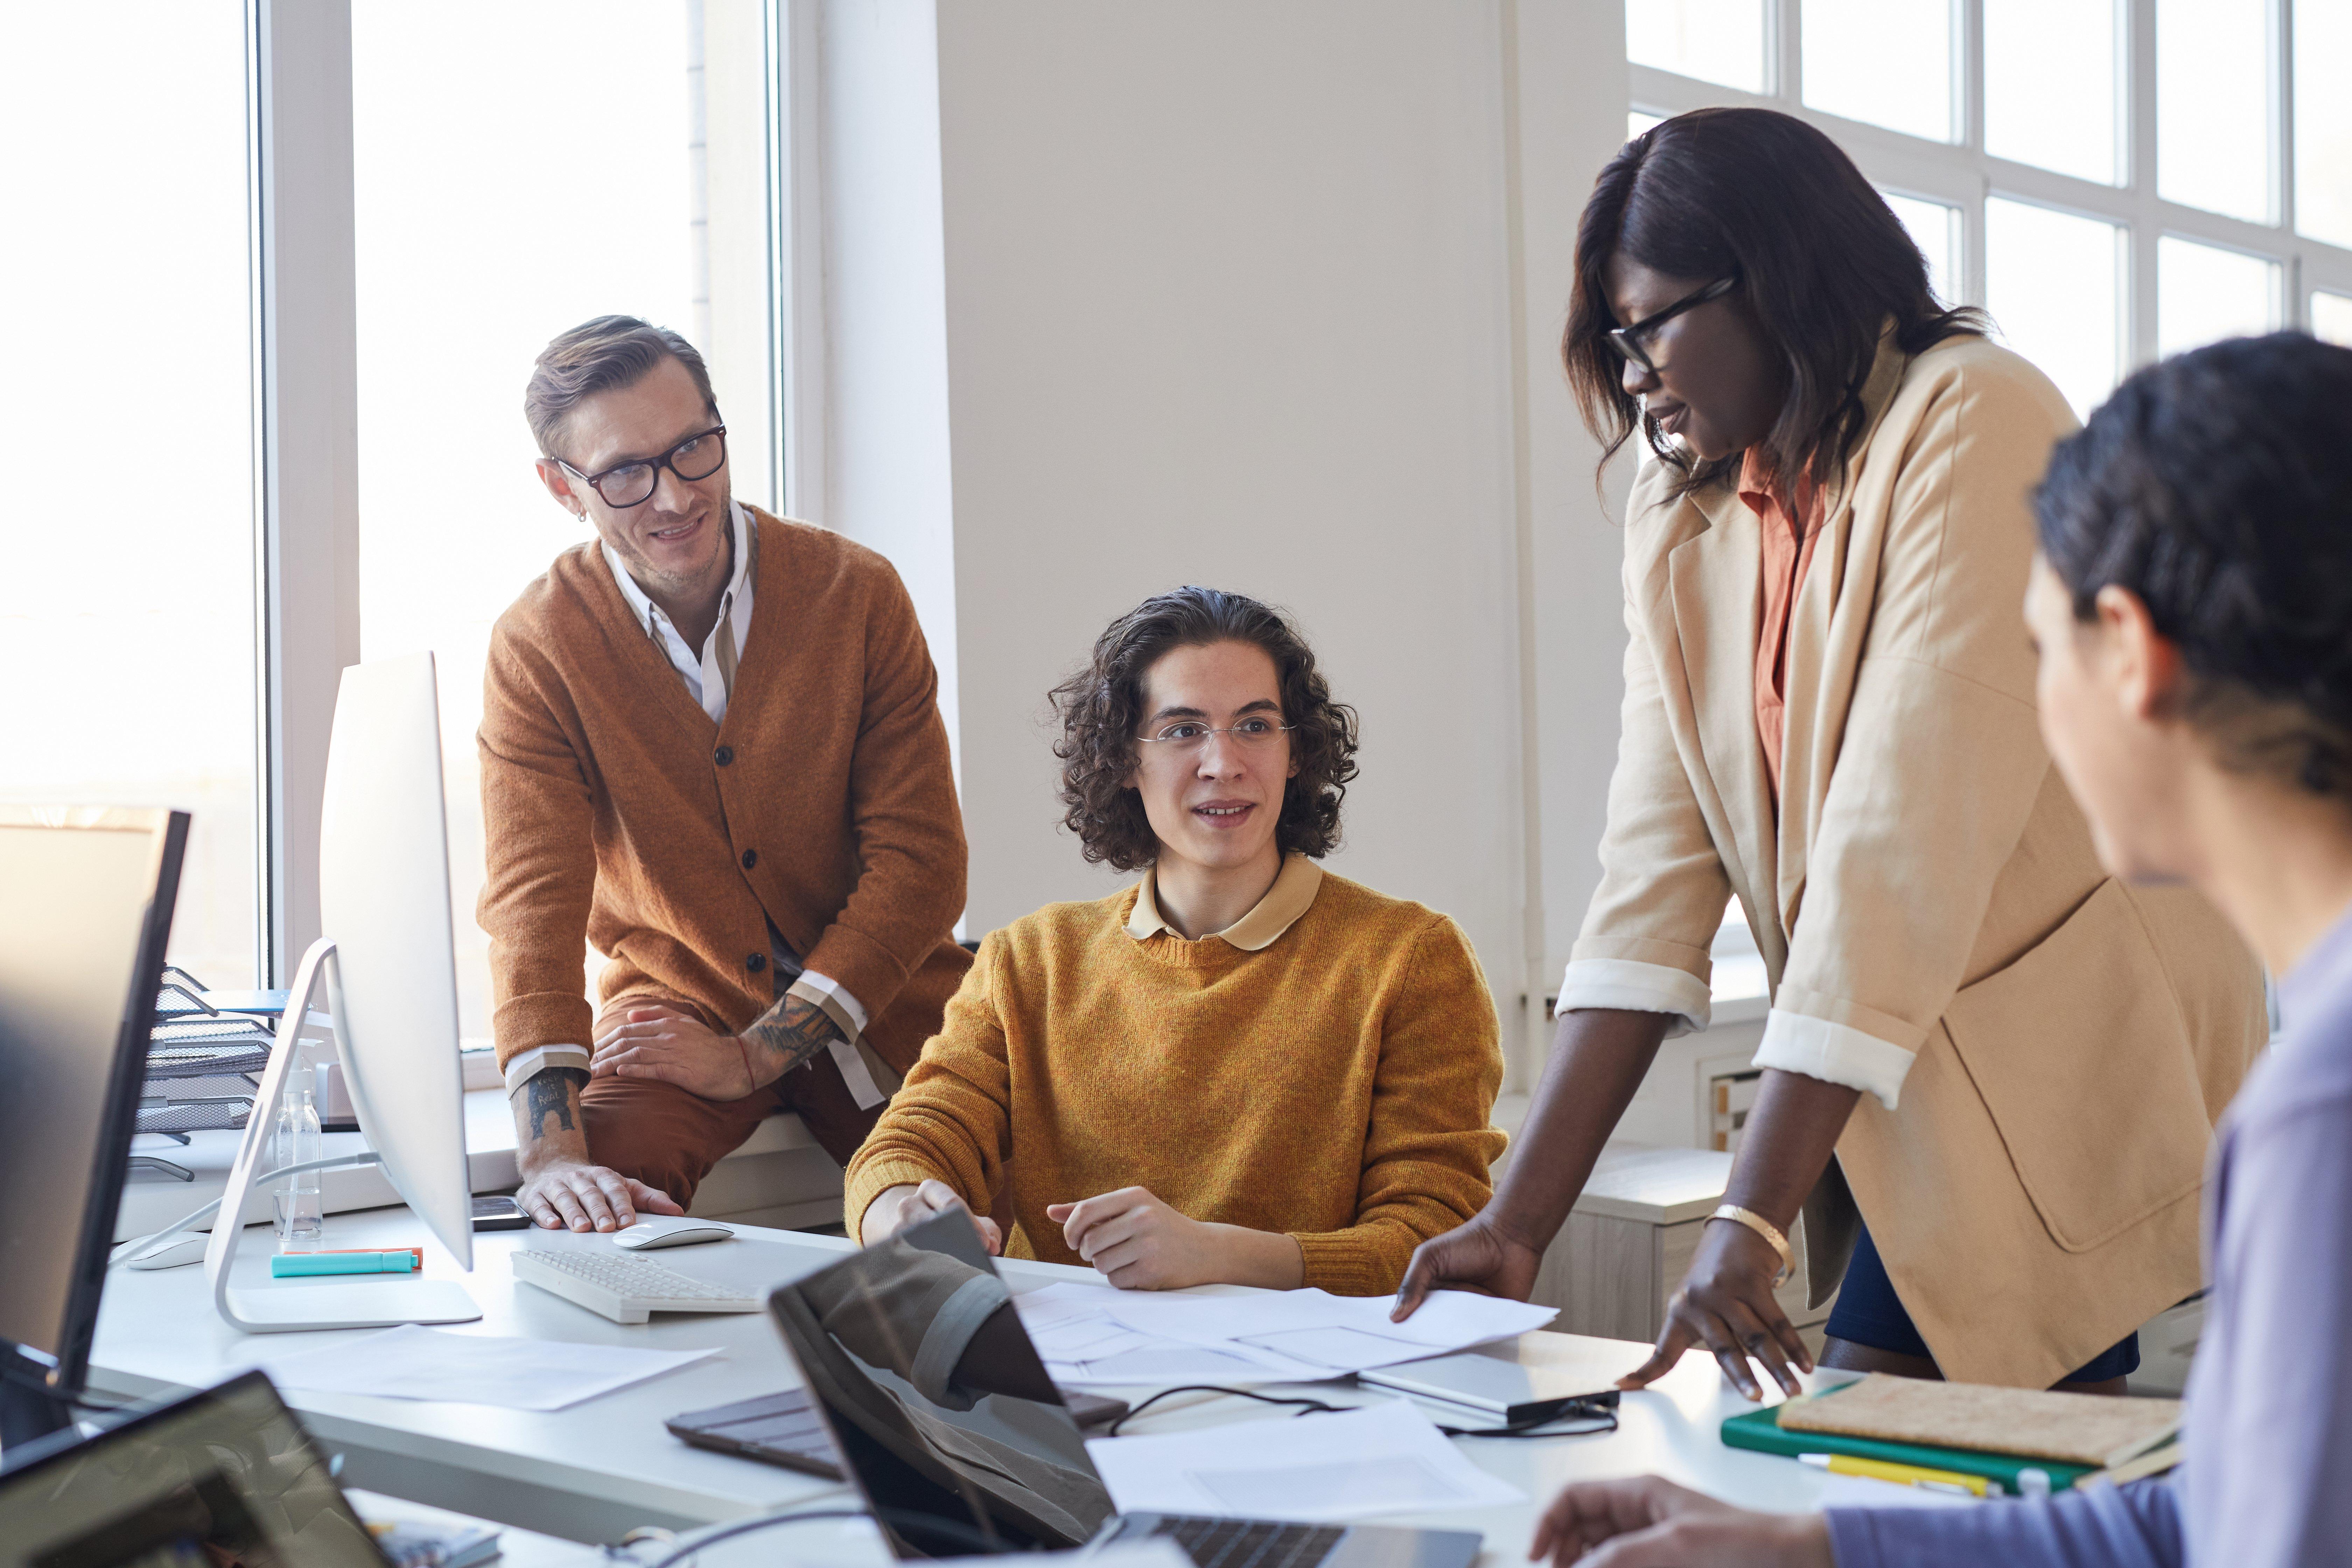 it-developers-team-in-office-2021-04-06-22-27-48-utc